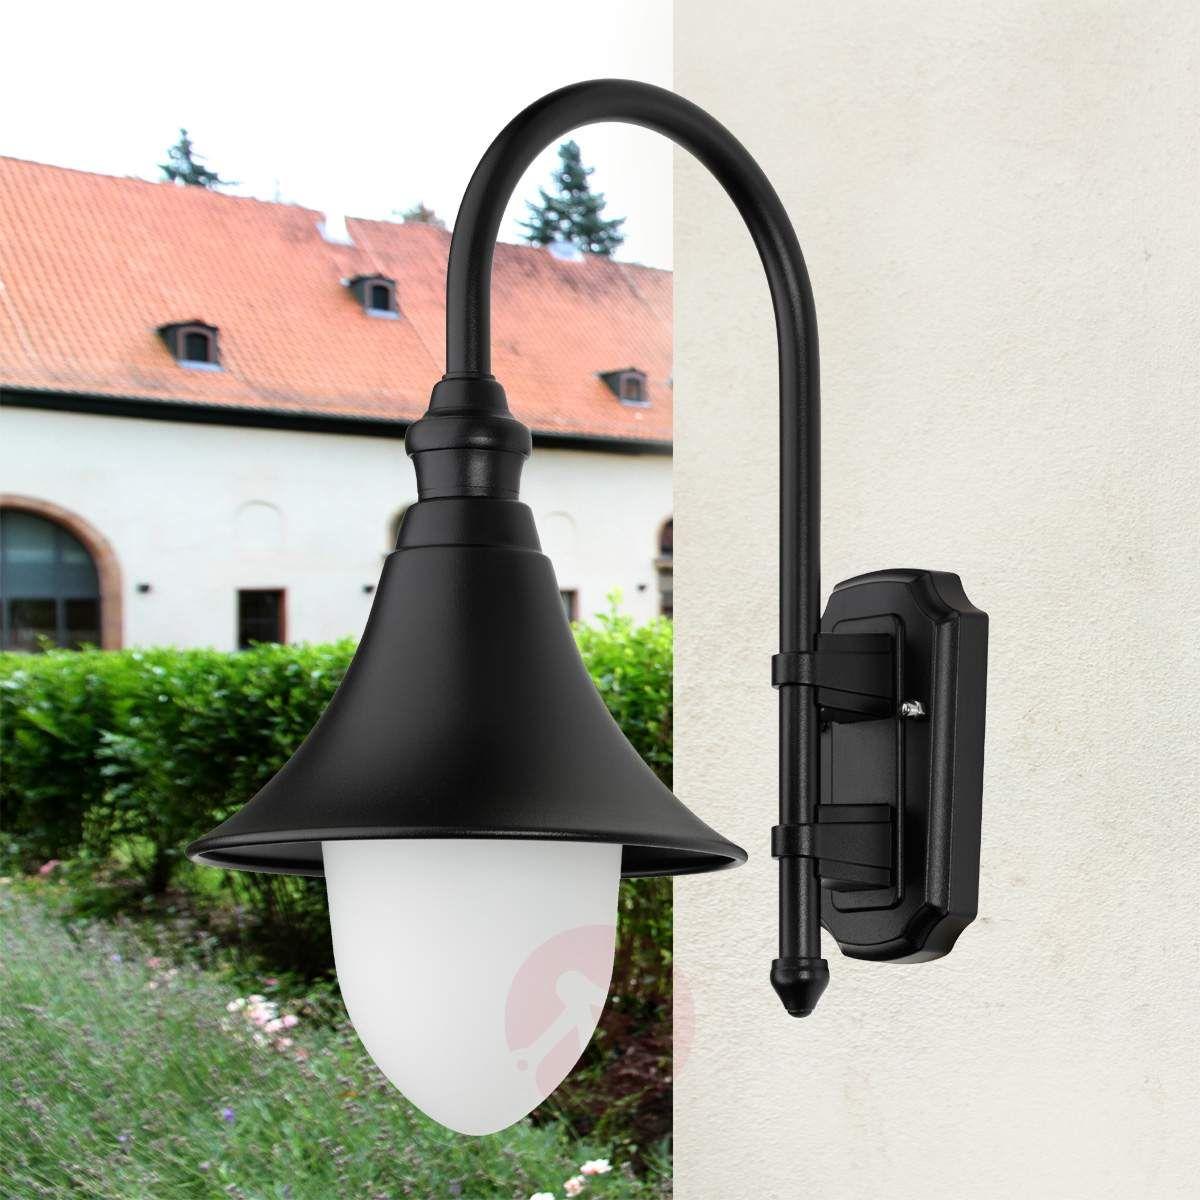 Stylowa Zewnętrzna Lampa ścienna Miranda Czarna Lampy